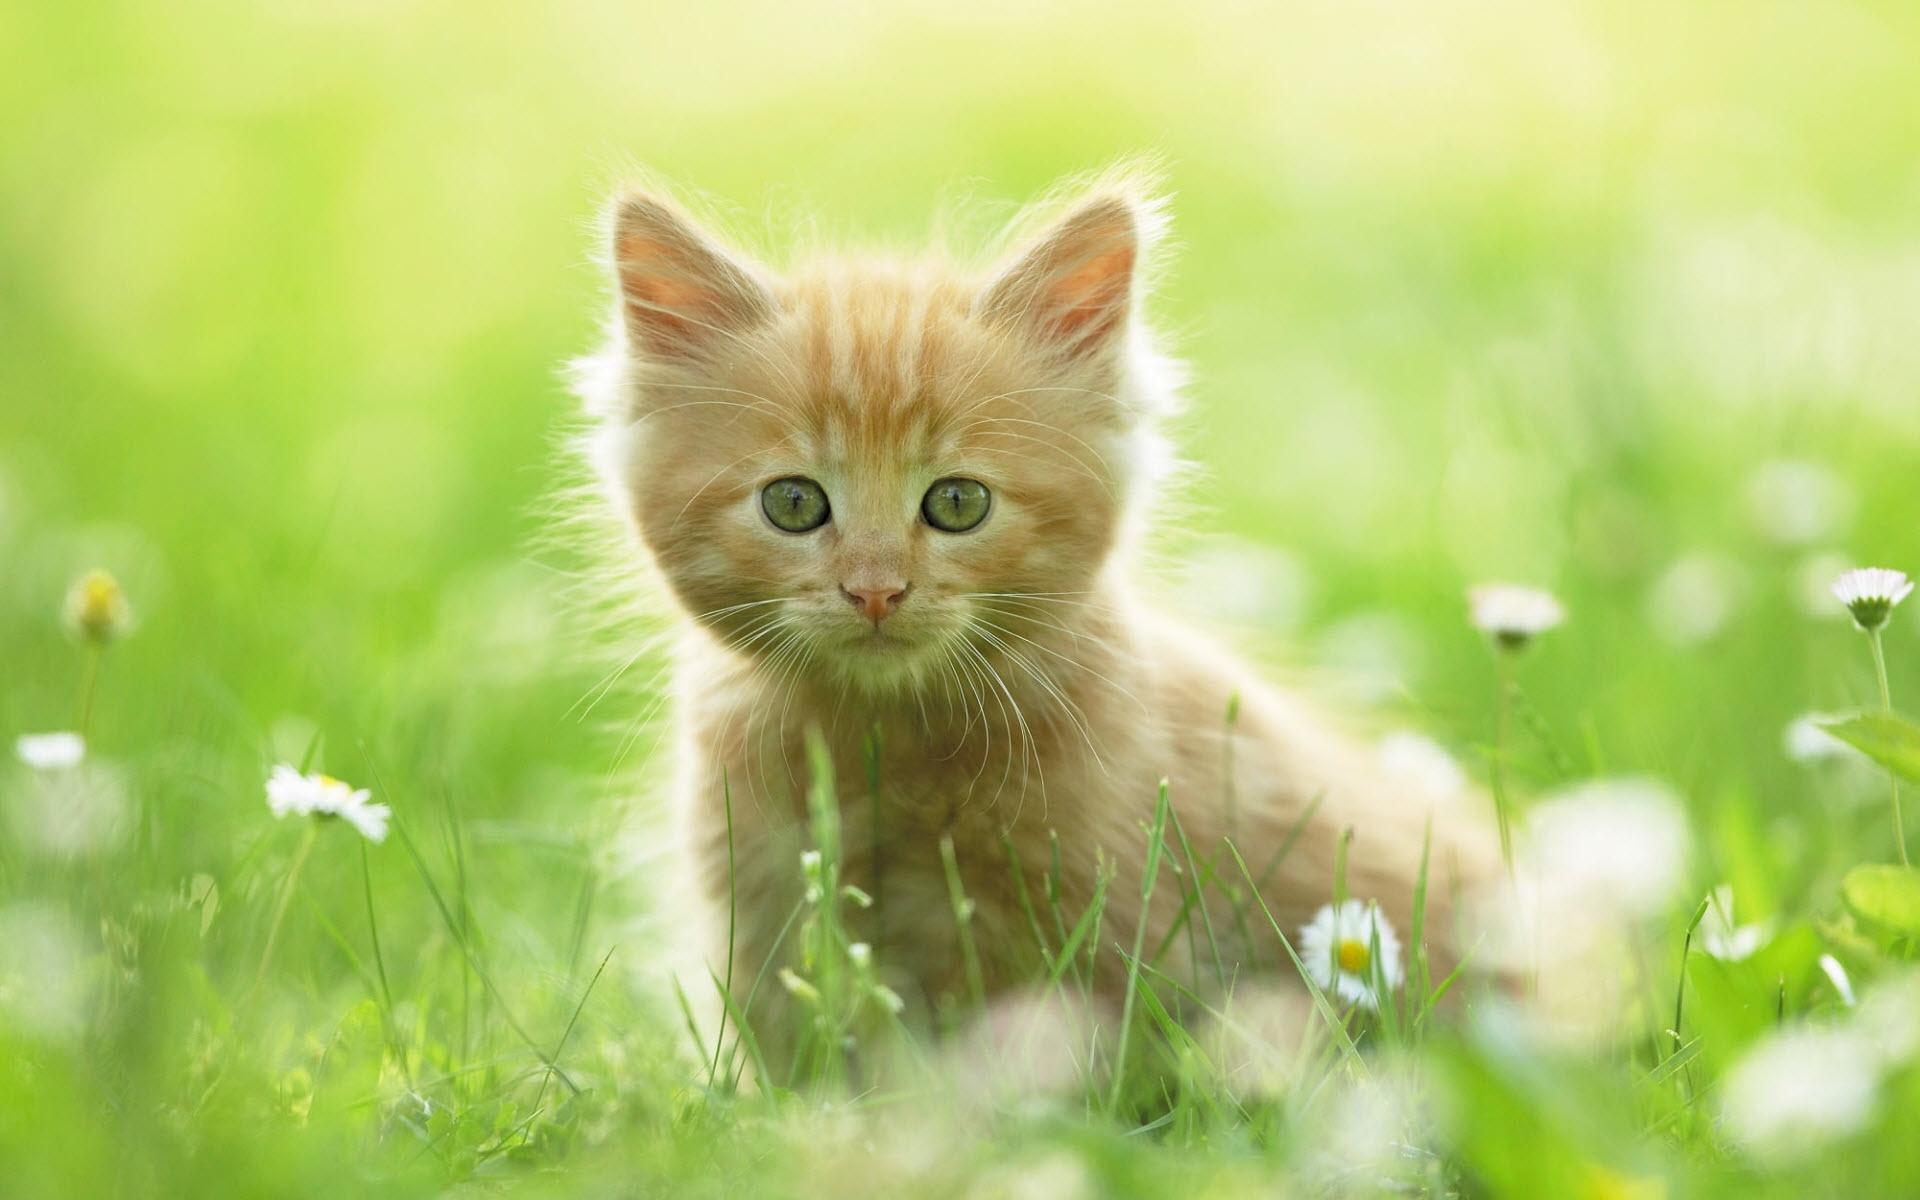 cute kitten wallpapers   hd wallpapers   id #8640